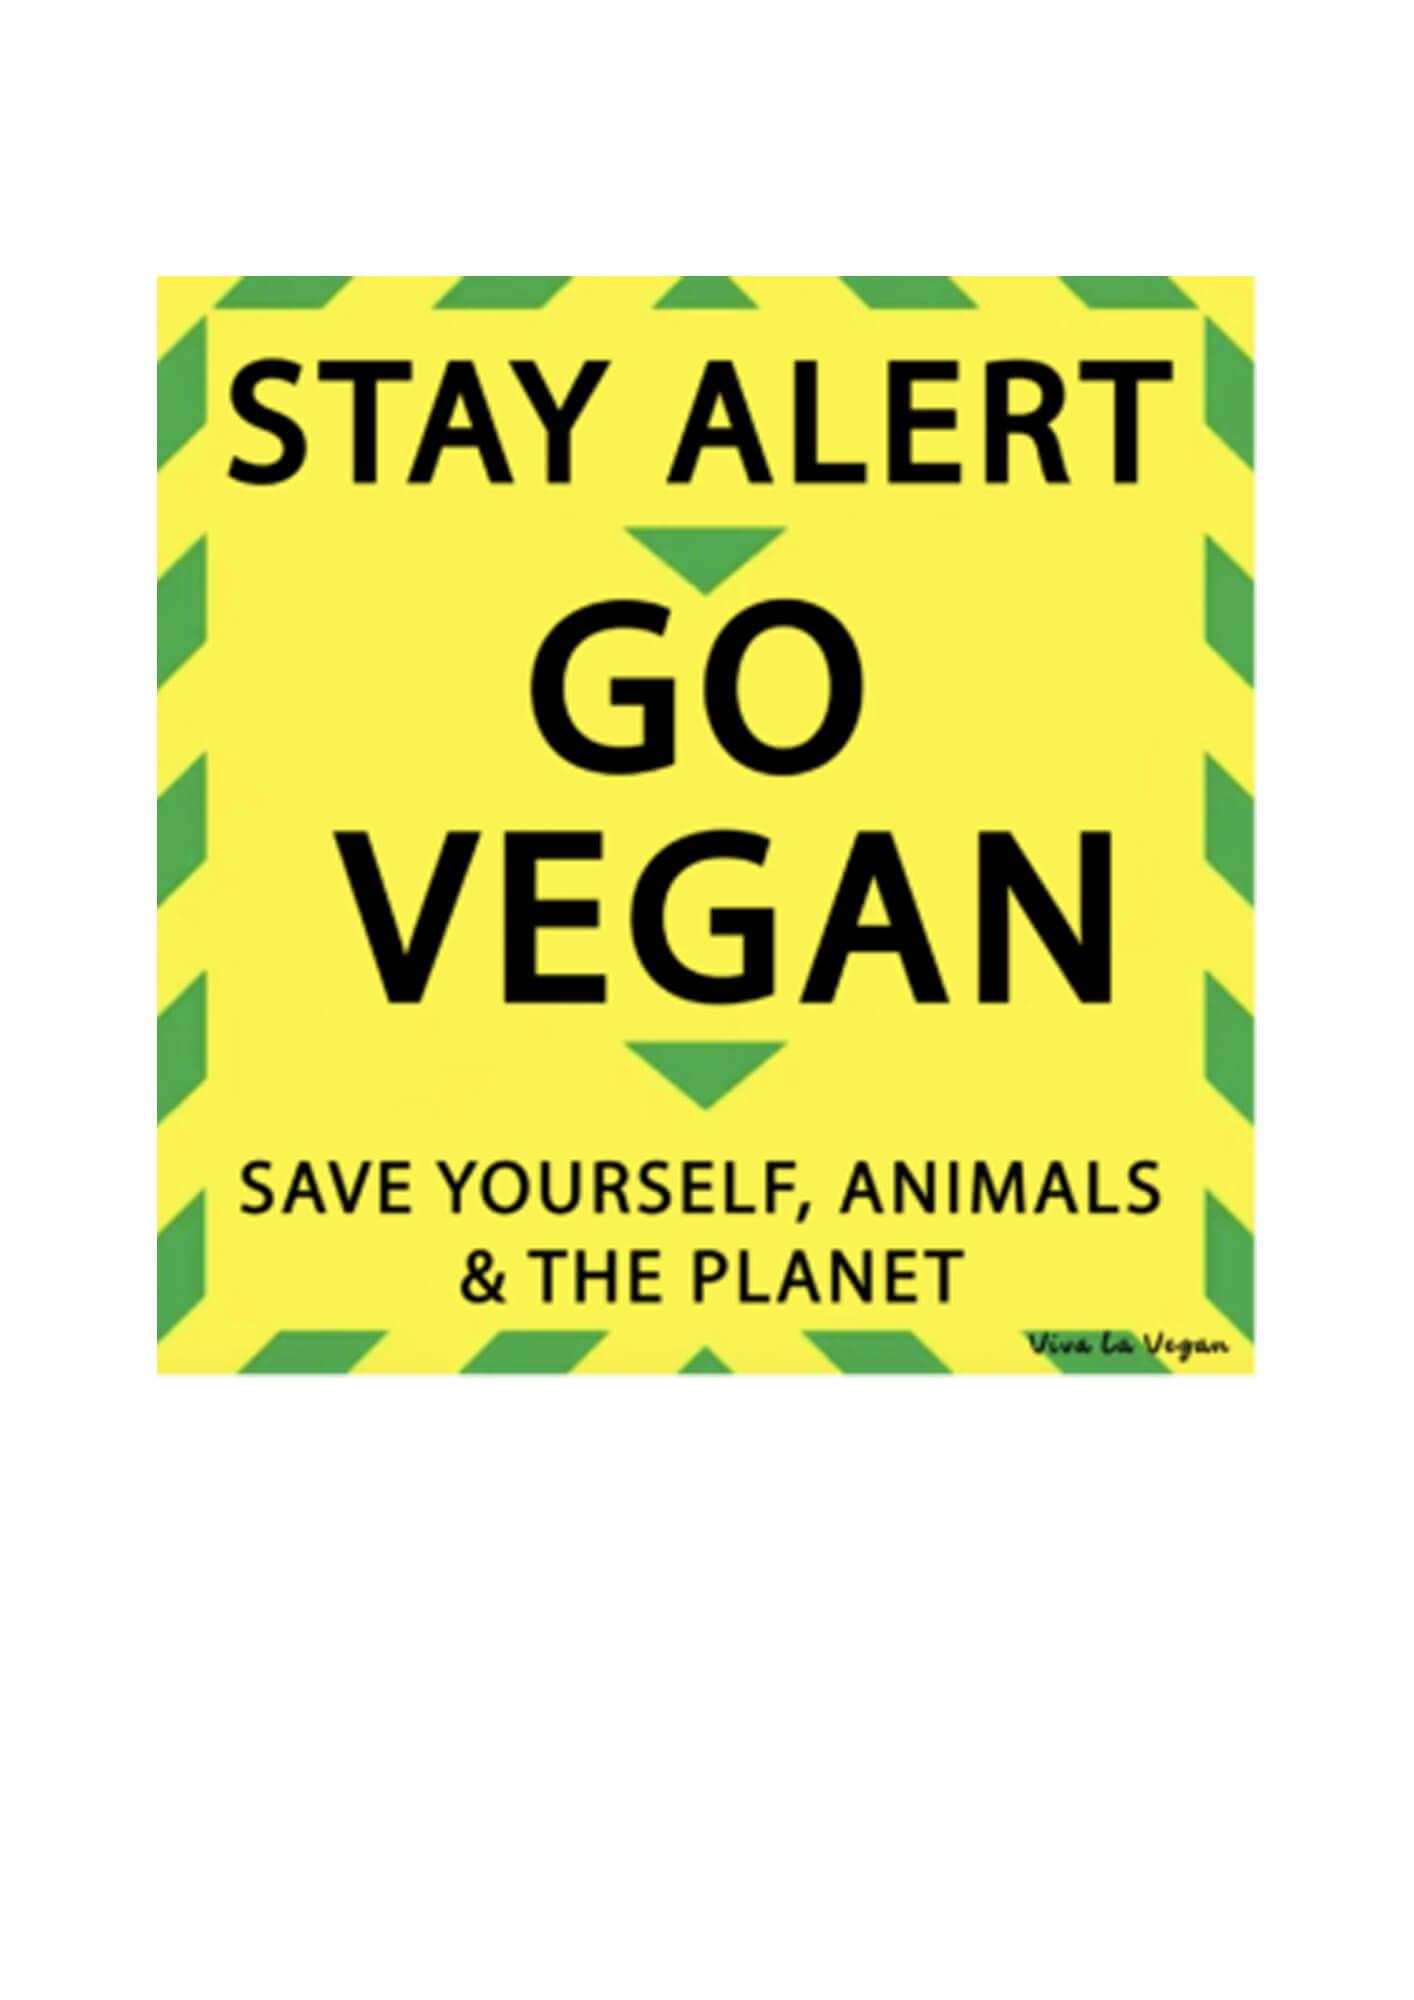 Stay alert Go Vegan vinyl sticker by eco ethical brand Viva La Vegan